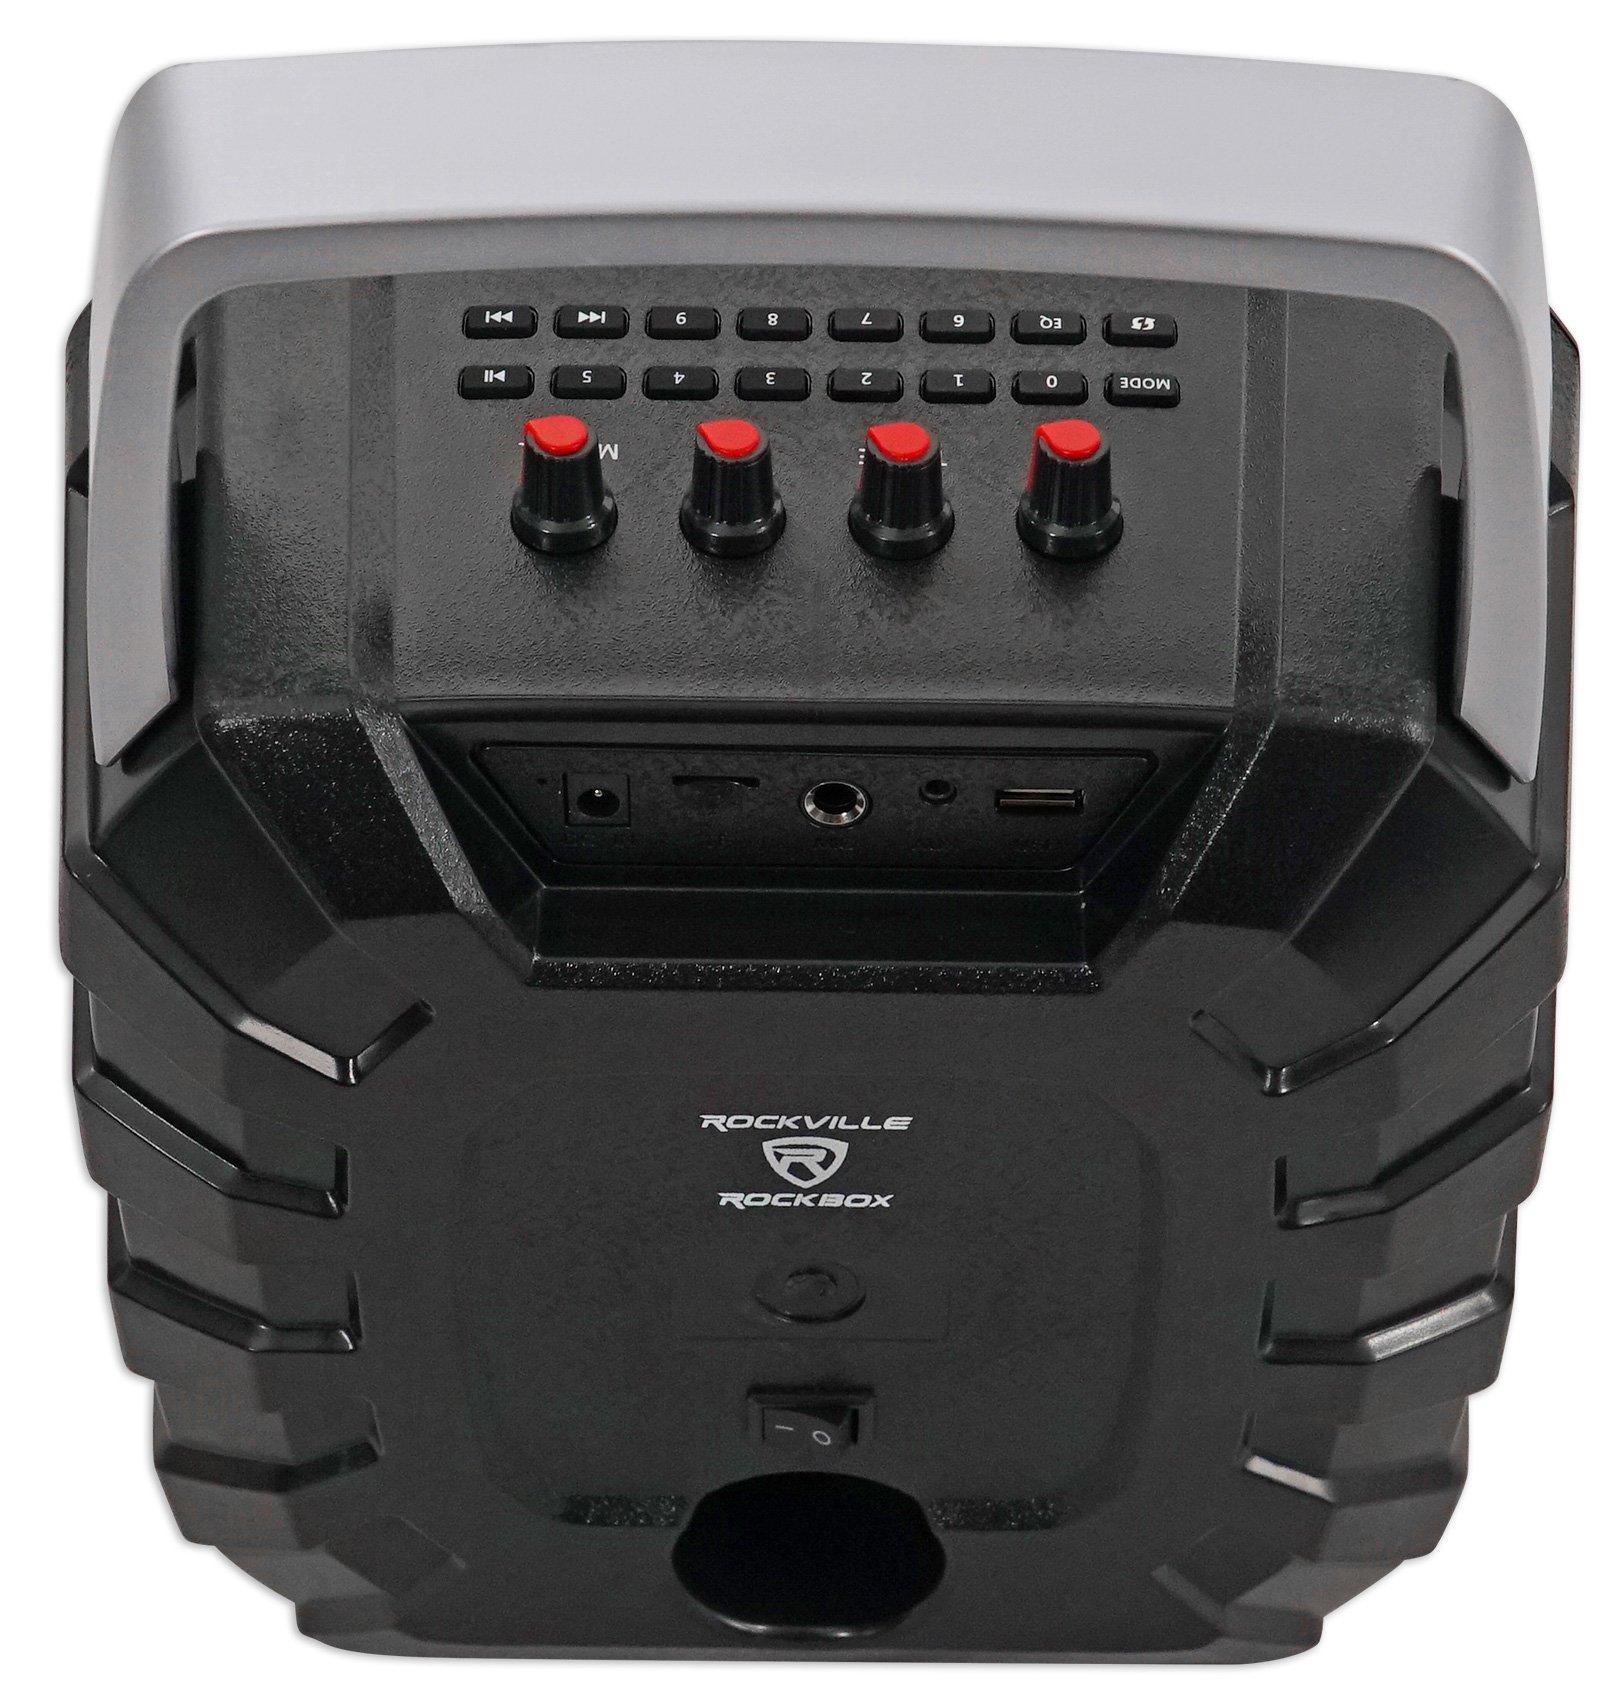 Rockville ROCKBOX 6.5'' 100 Watt Portable Rechargable Bluetooth Speaker w USB/SD by Rockville (Image #5)